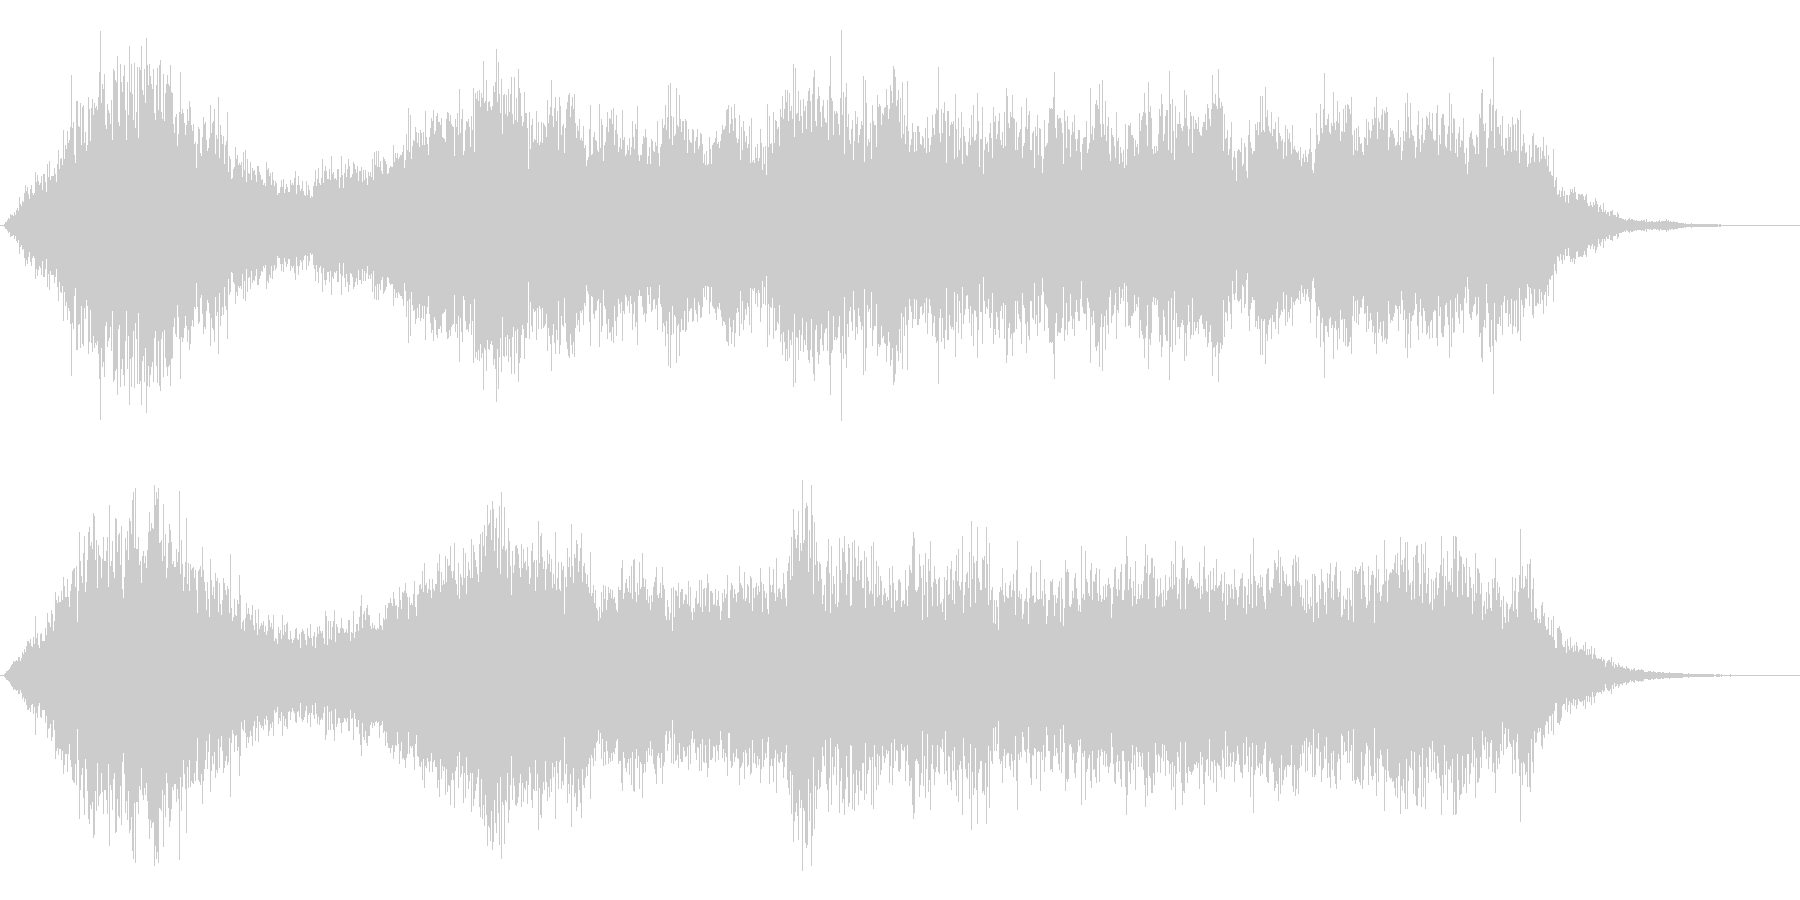 ワープ、近未来、SF的音の未再生の波形